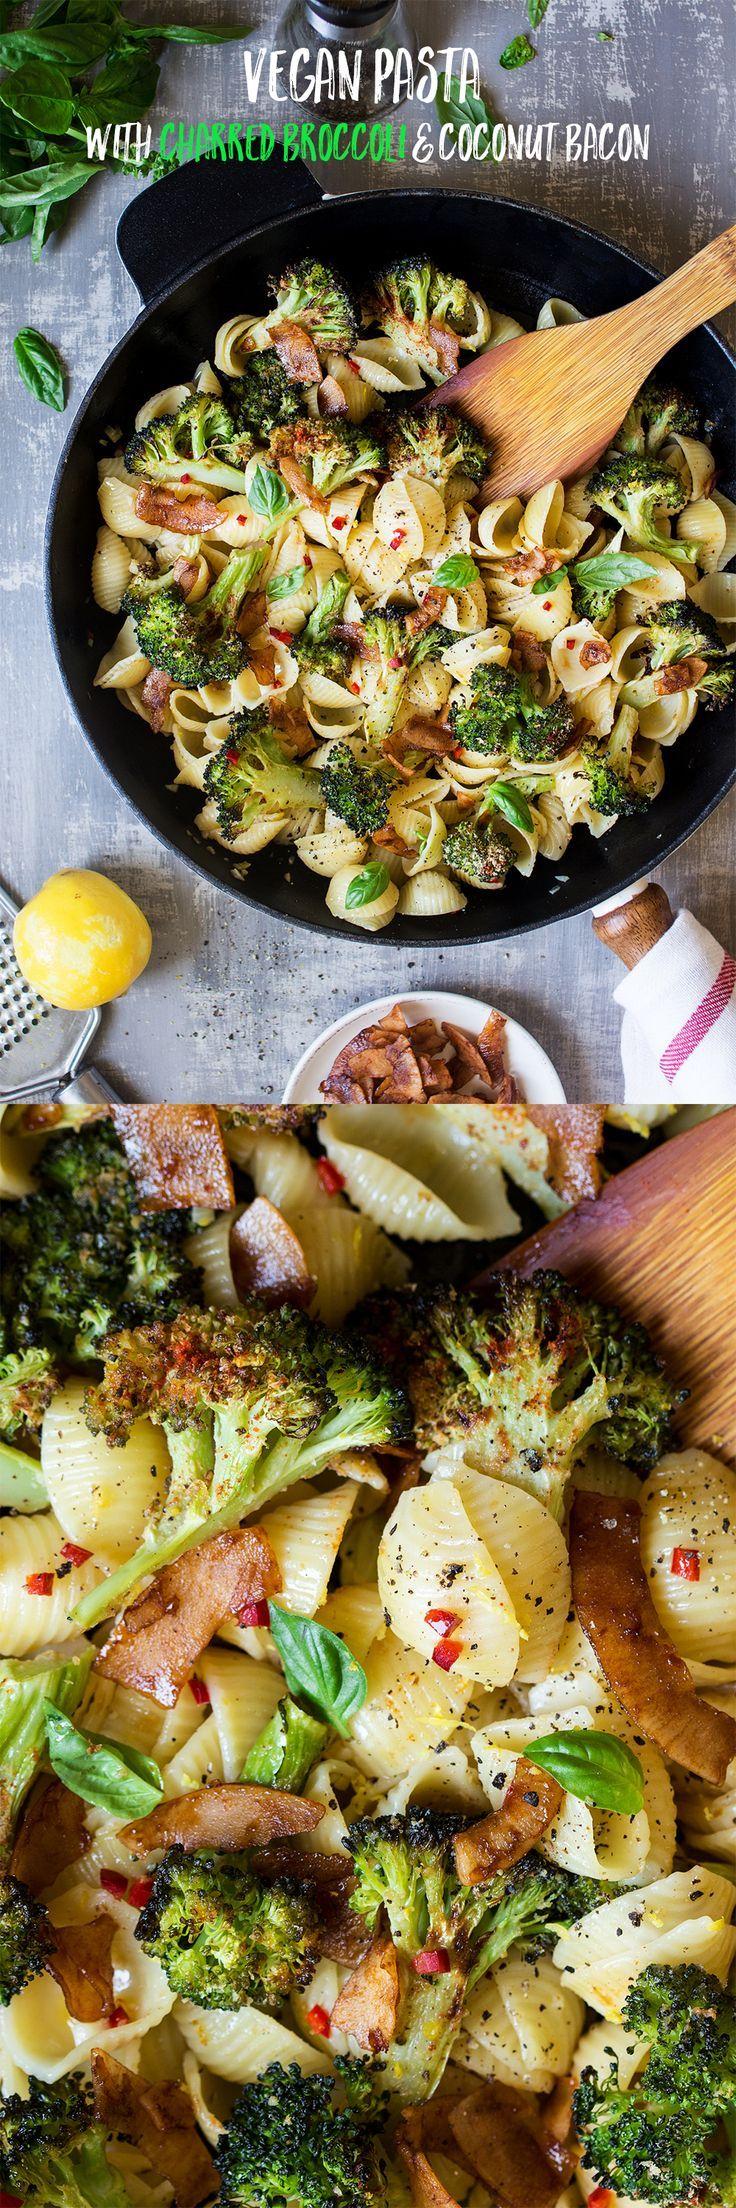 Broccoli orecchiette with vegan bacon Recipe Food